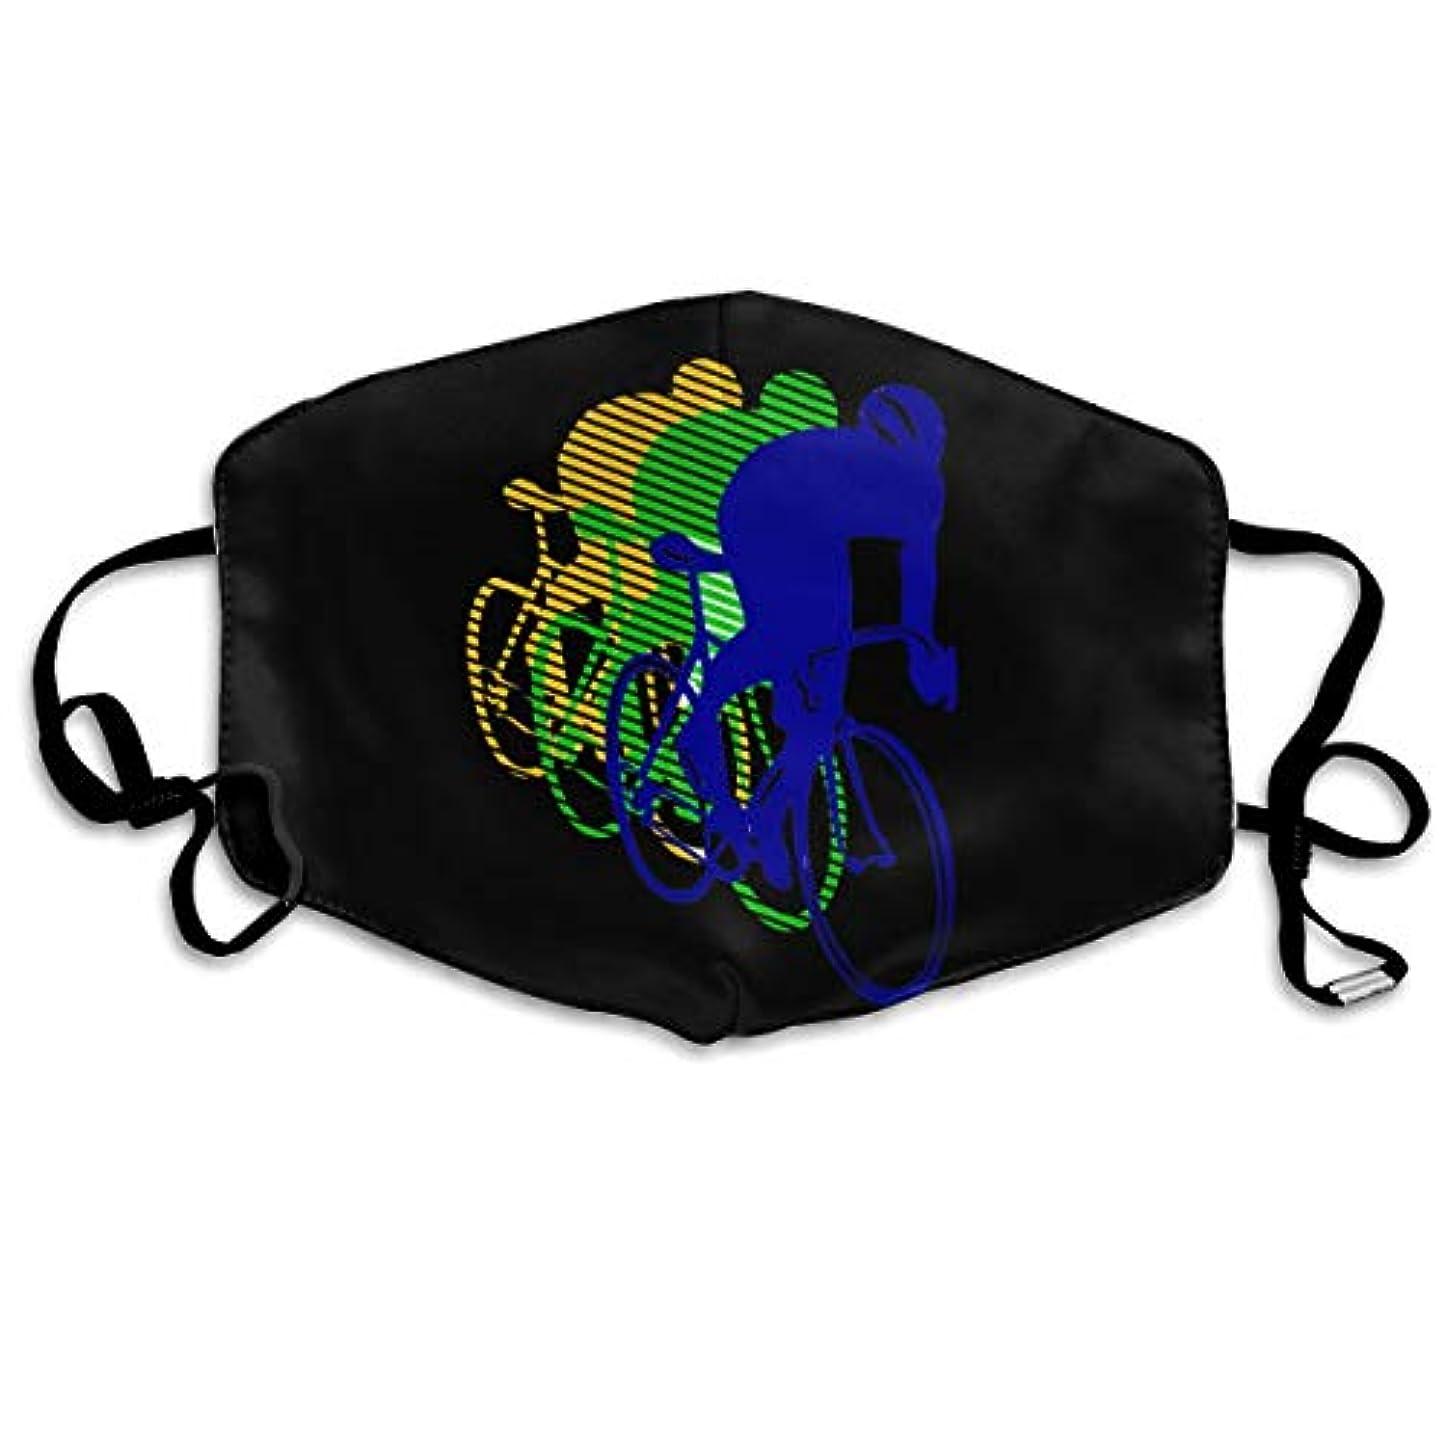 実用的知覚できるペリスコープMorningligh 自転車 多彩 かげ 乗り マスク 使い捨てマスク ファッションマスク 個別包装 まとめ買い 防災 避難 緊急 抗菌 花粉症予防 風邪予防 男女兼用 健康を守るため